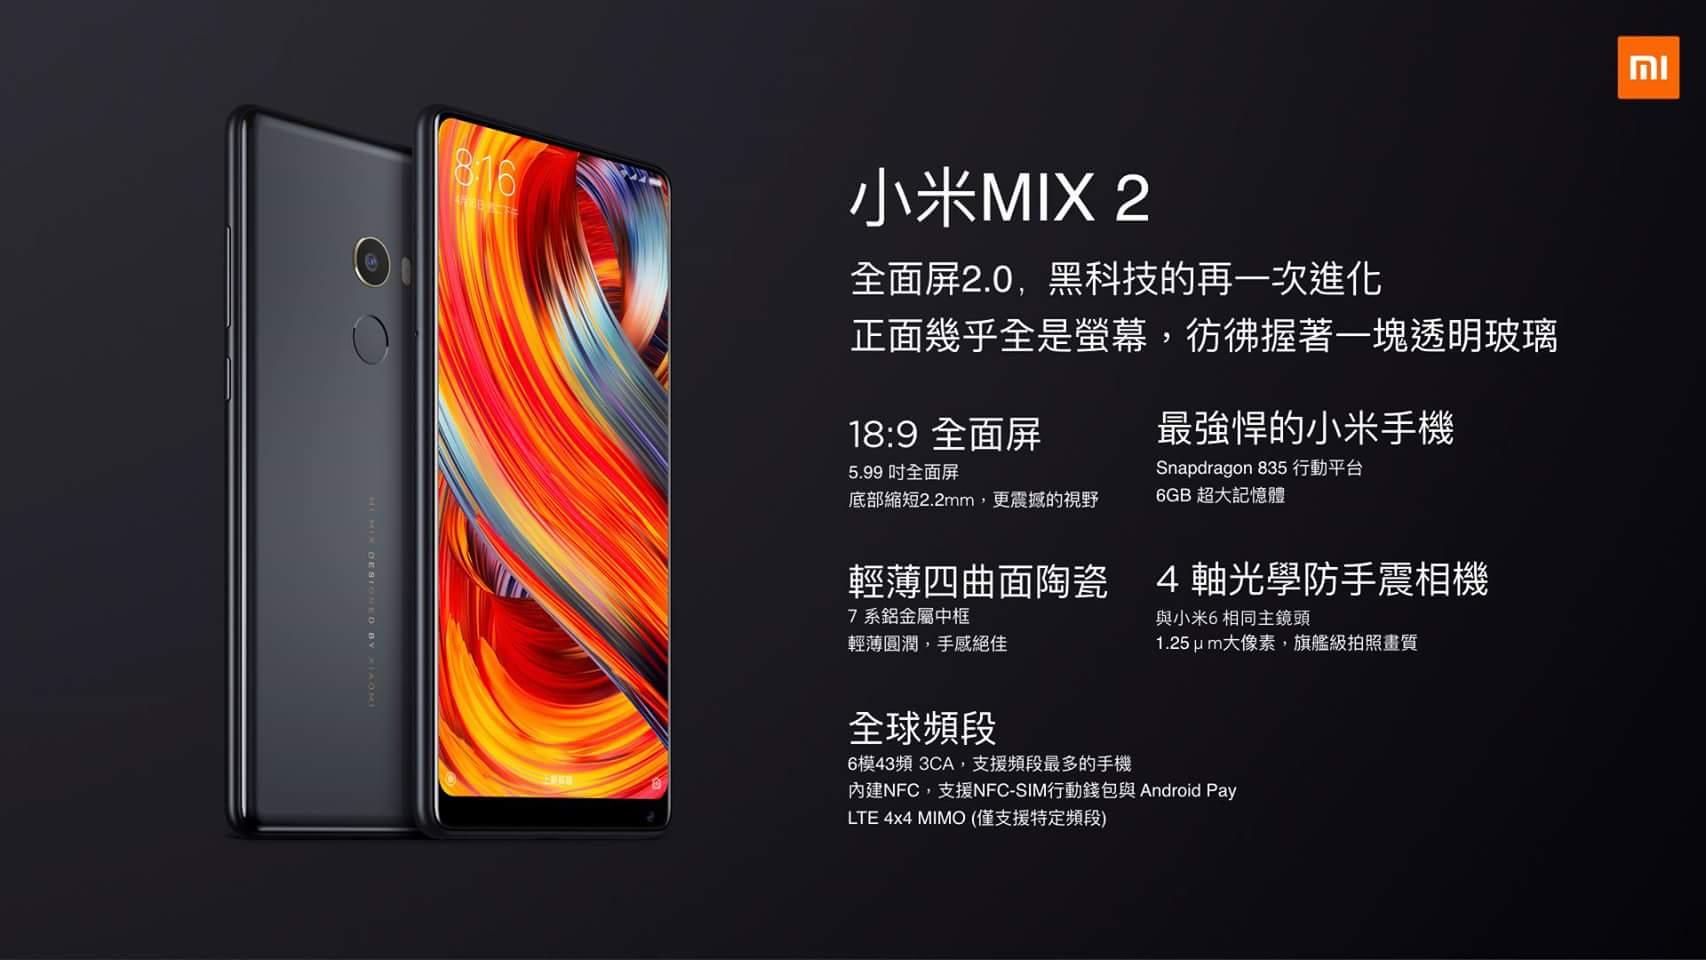 小米Mix 2 黑科技一覽表,取自 小米台灣 Mi Taiwan 粉絲團